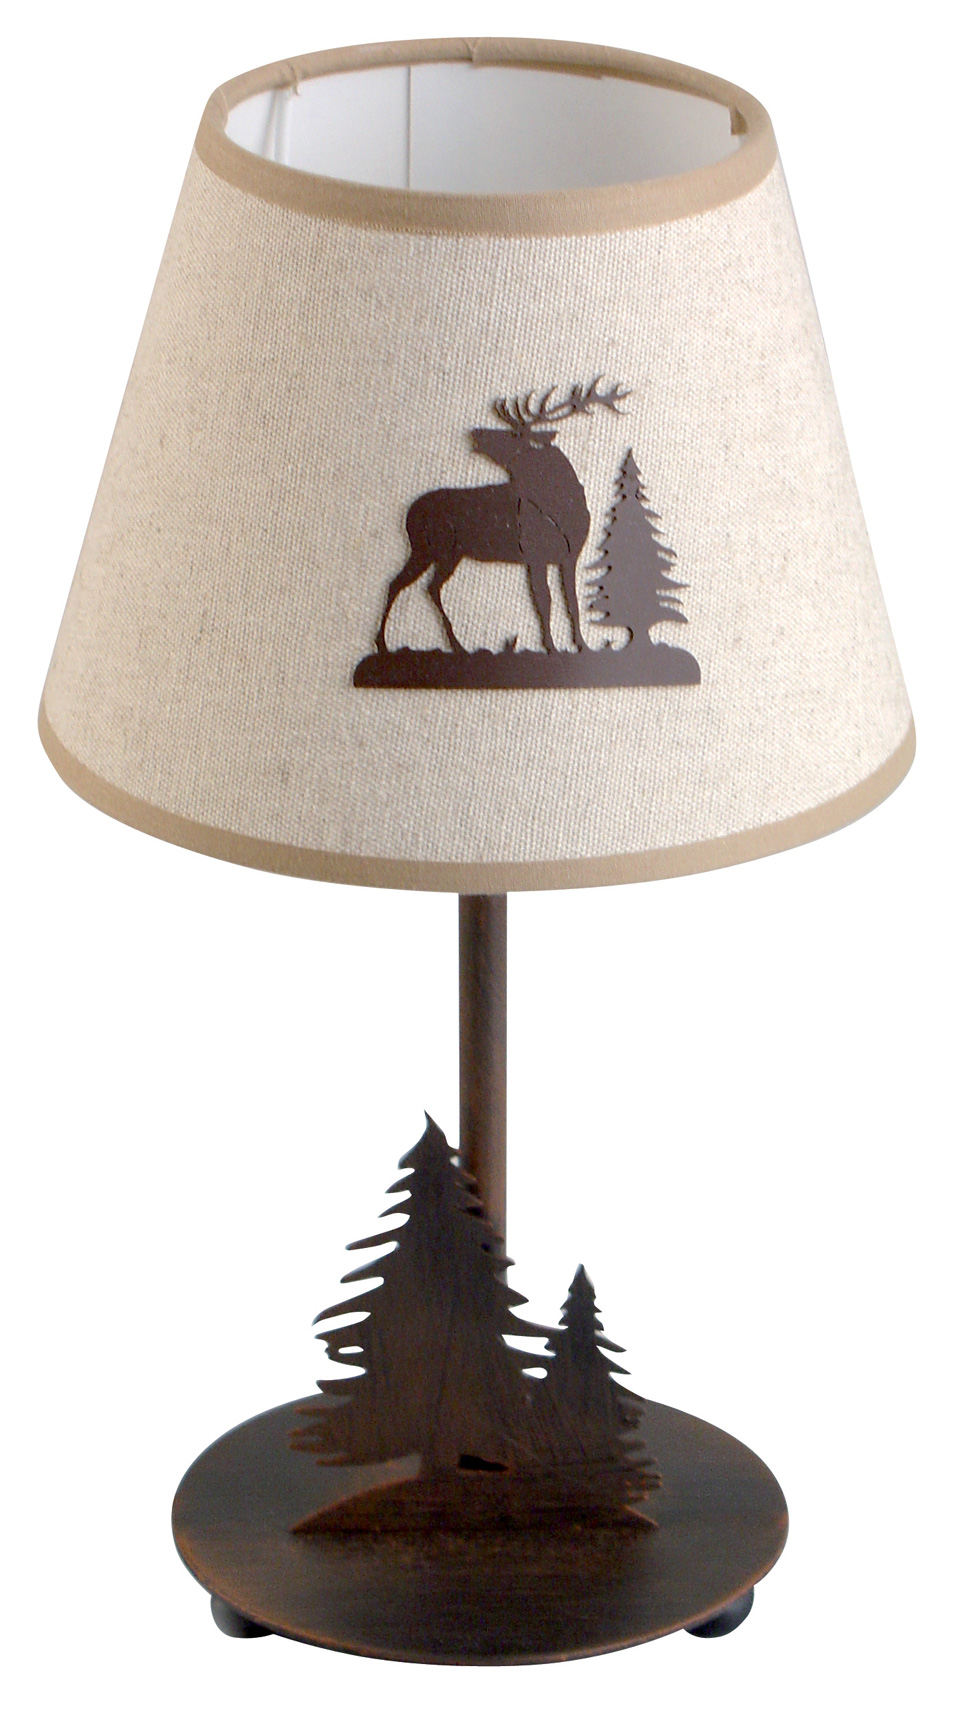 Lampe de table ou de chevet style Montagne motif cerf. JP Ryckaert.